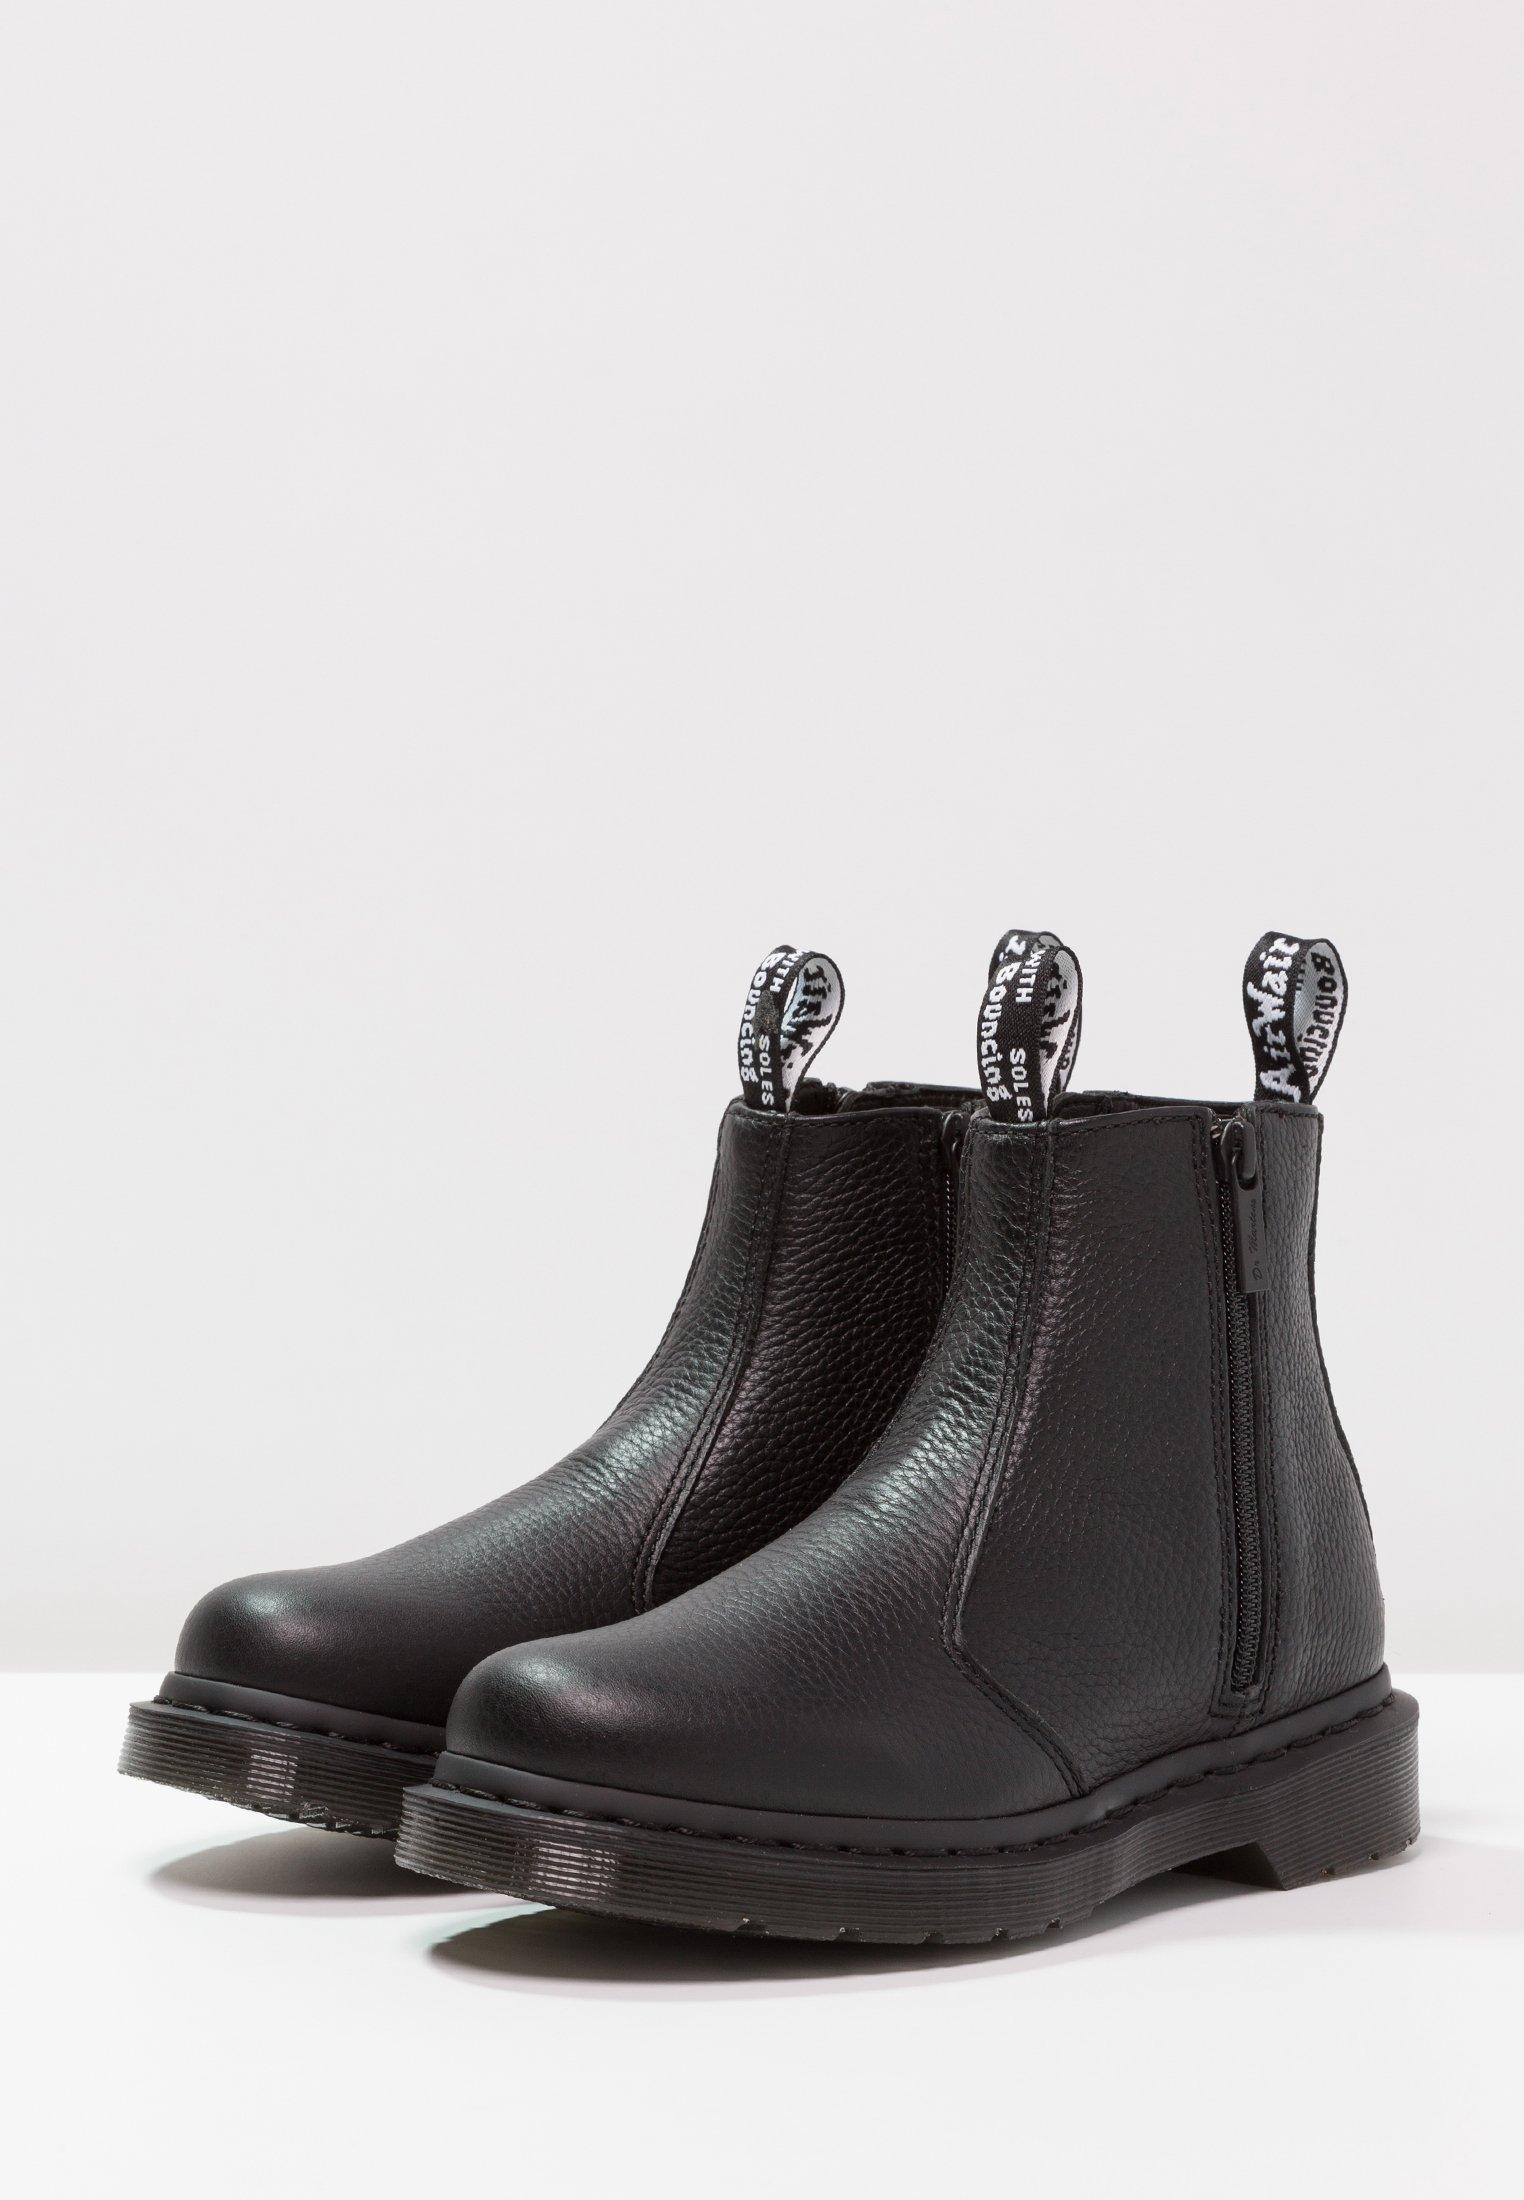 Dr. Martens 2976 WZIPS CHELSEA BOOT Støvletter black